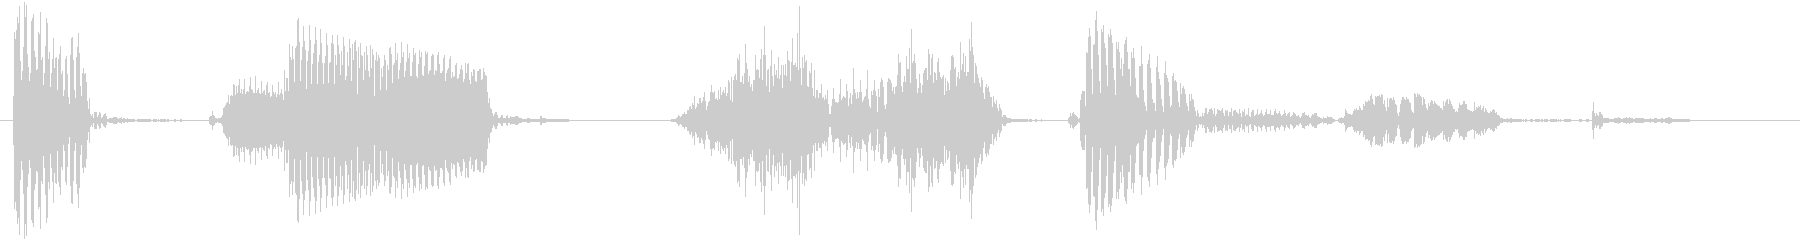 コンピューター応答スピーカーの音声...の未再生の波形